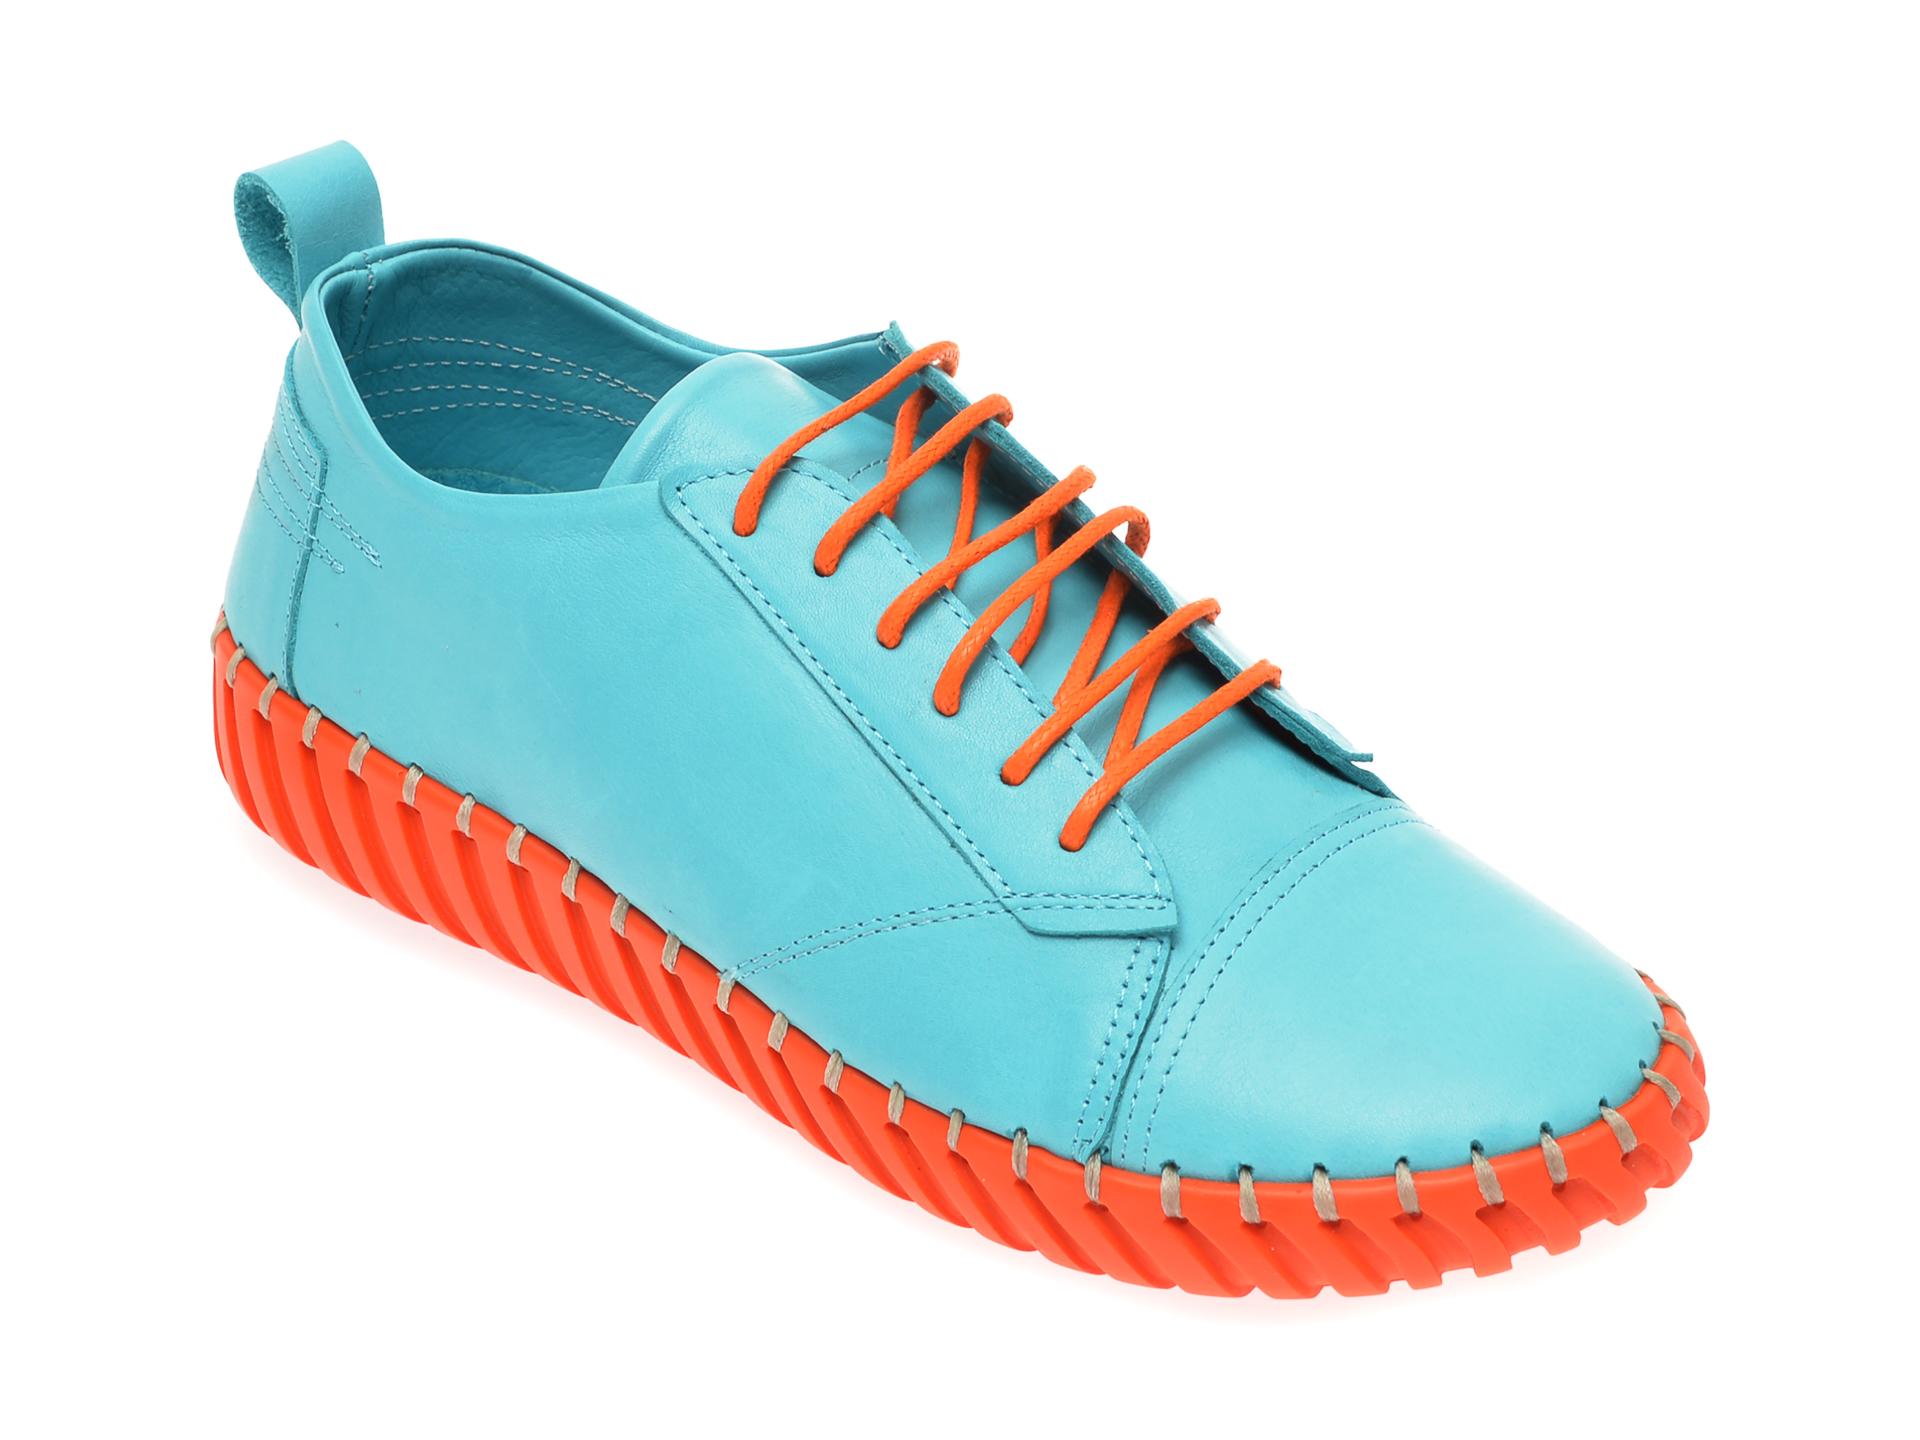 Pantofi FLAVIA PASSINI albastru, 4261002, din piele naturala